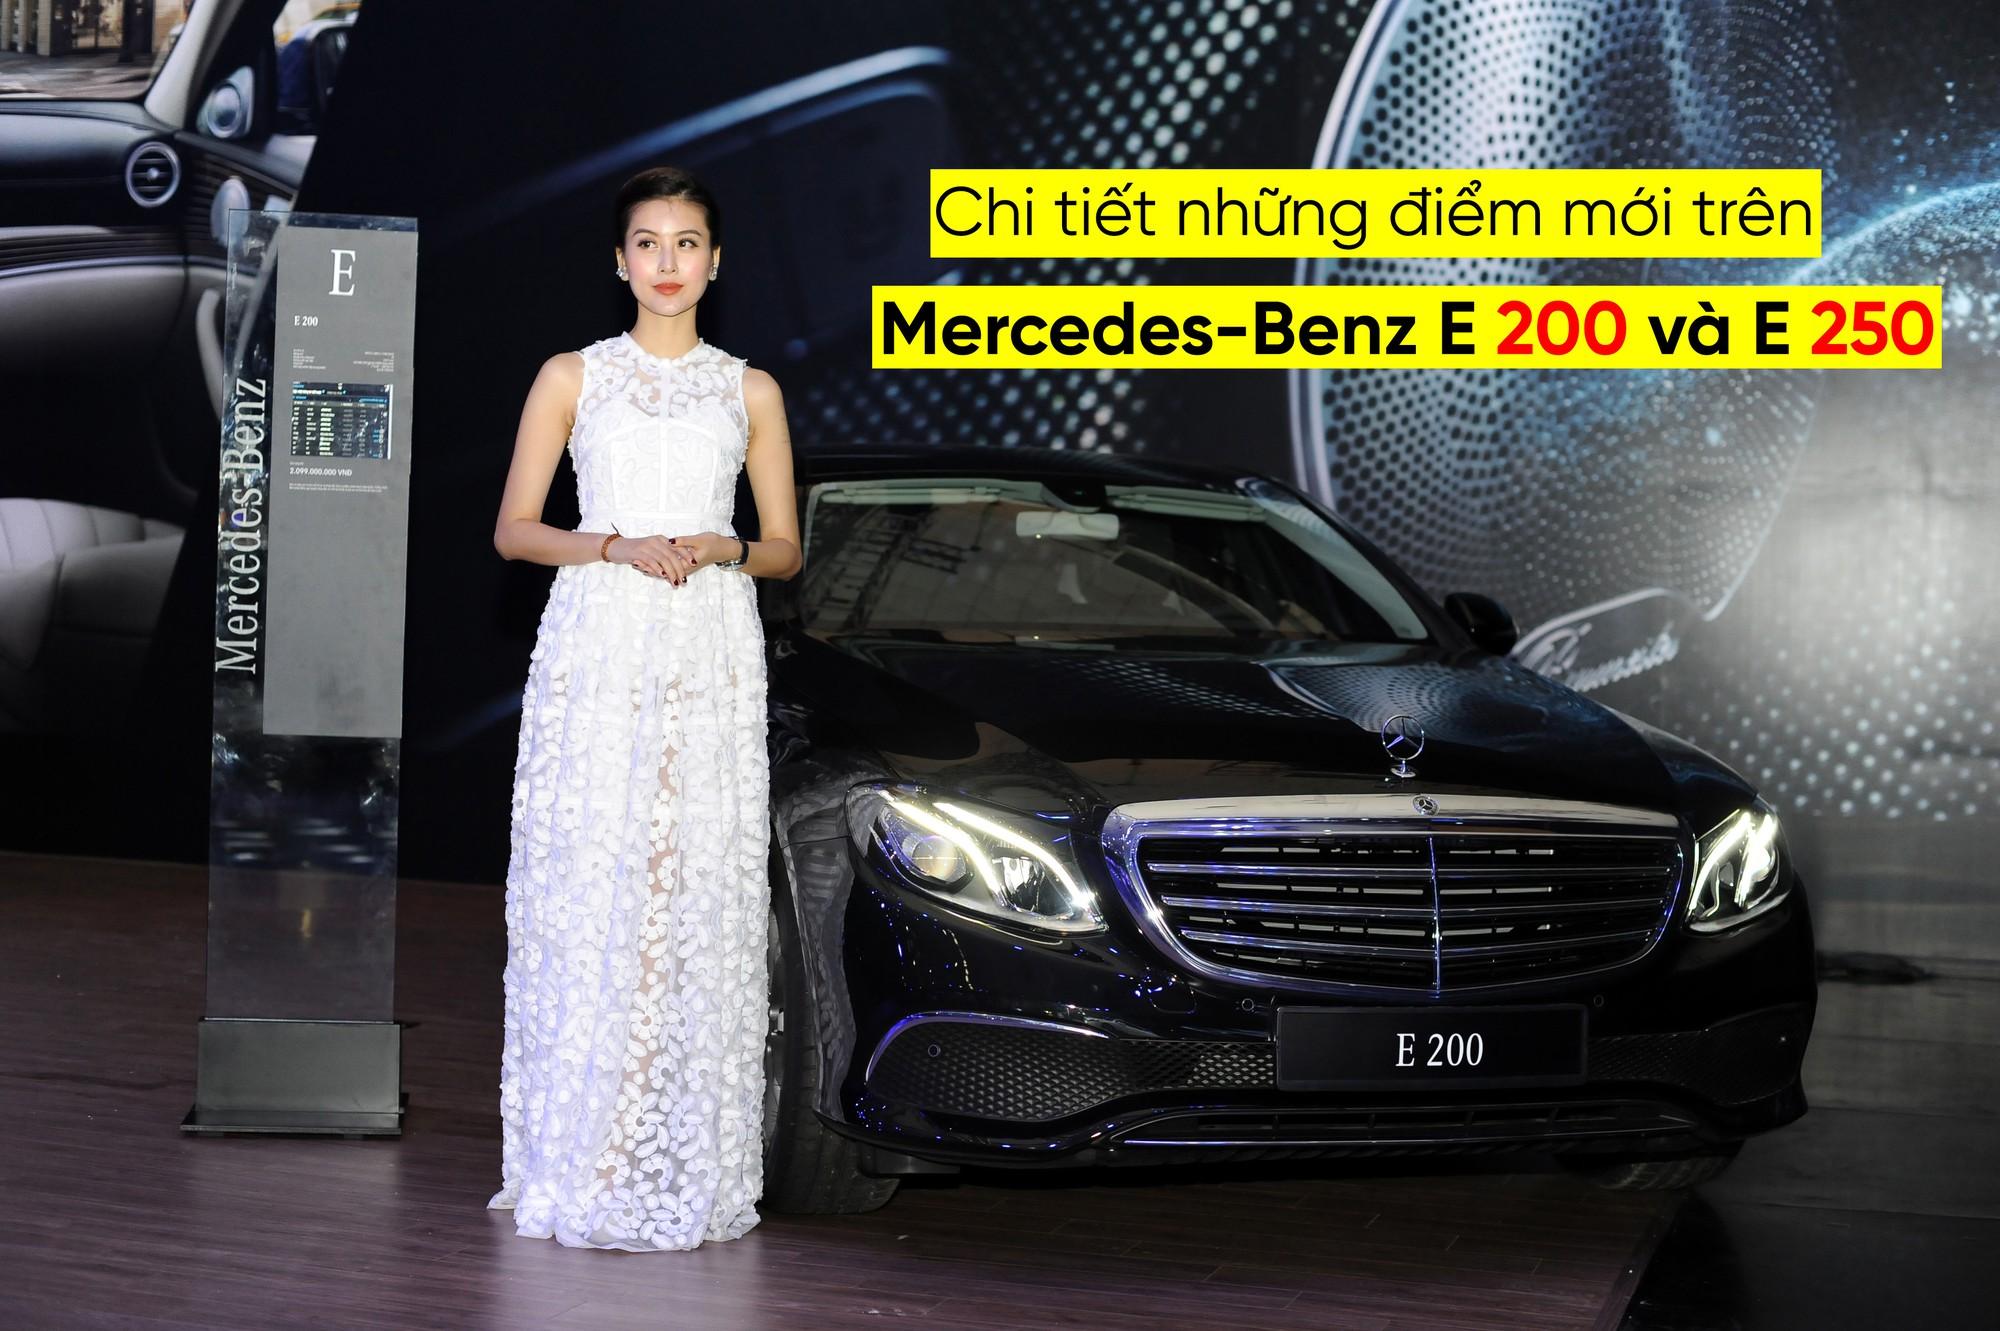 Chi tiết những điểm mới trên Mercedes-Benz E 200 và E 250 2018